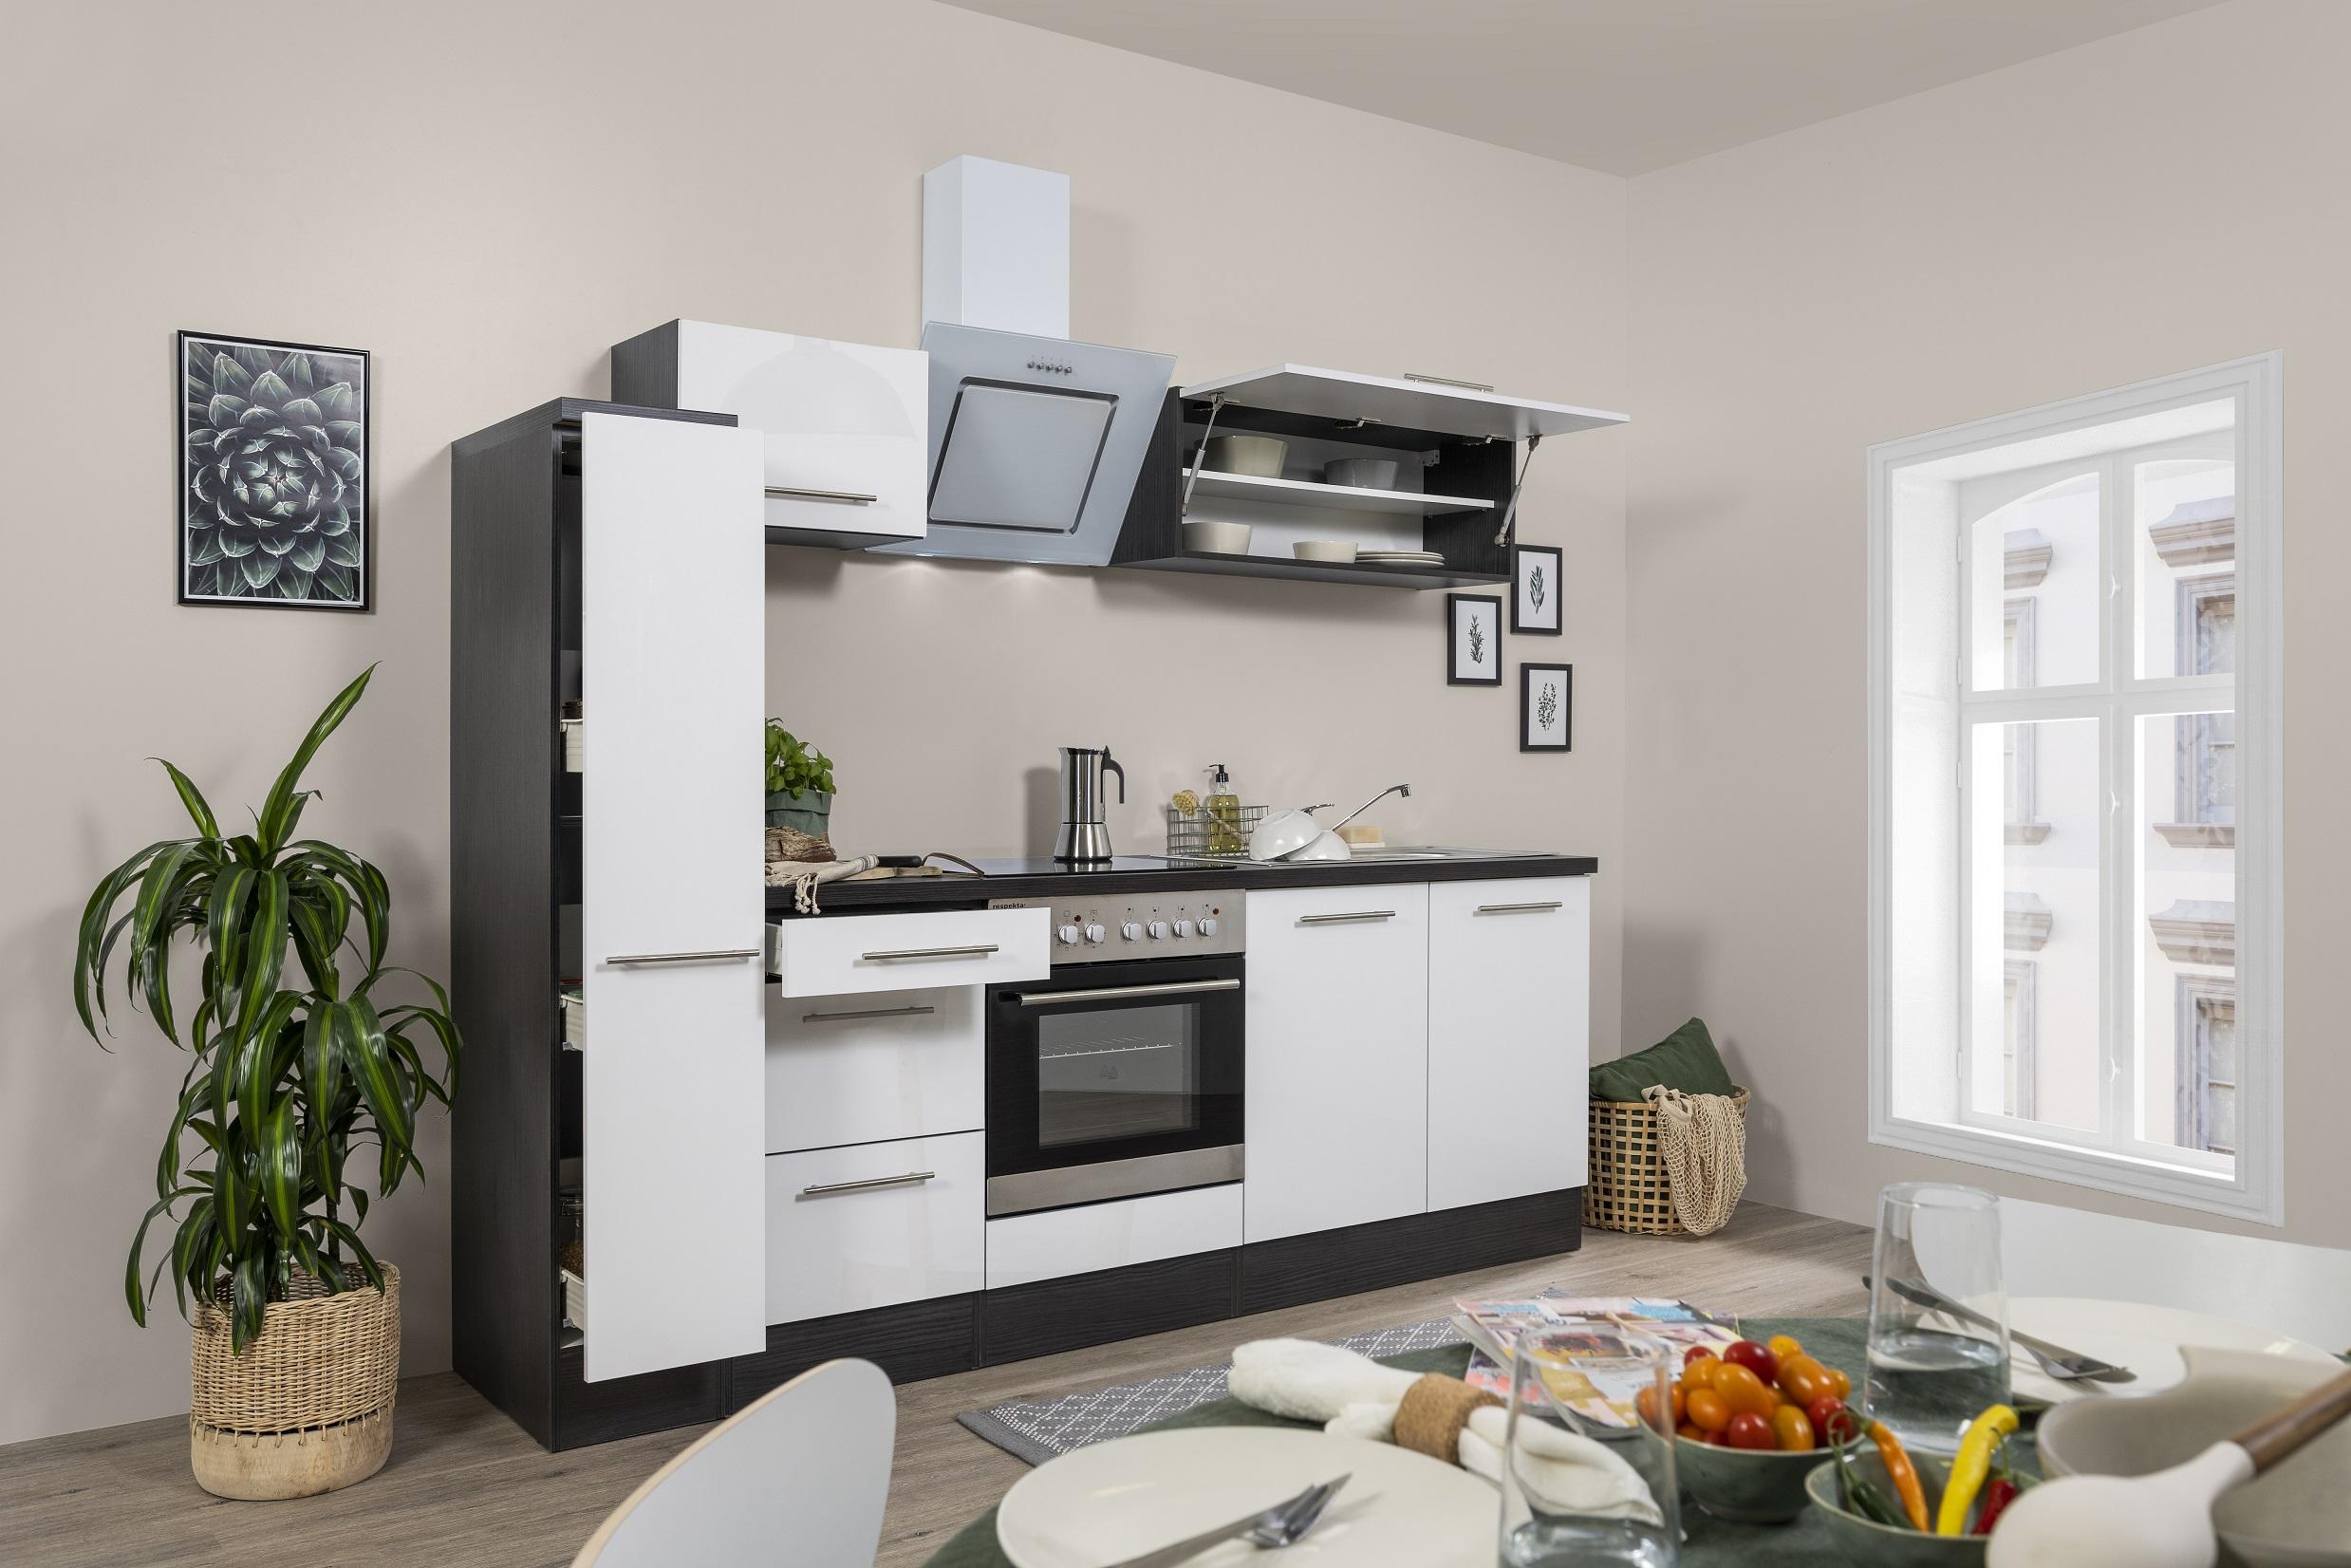 respekta Küchenzeile Küche Küchenblock Einbauküche Hochglanz 240 cm Eiche weiß